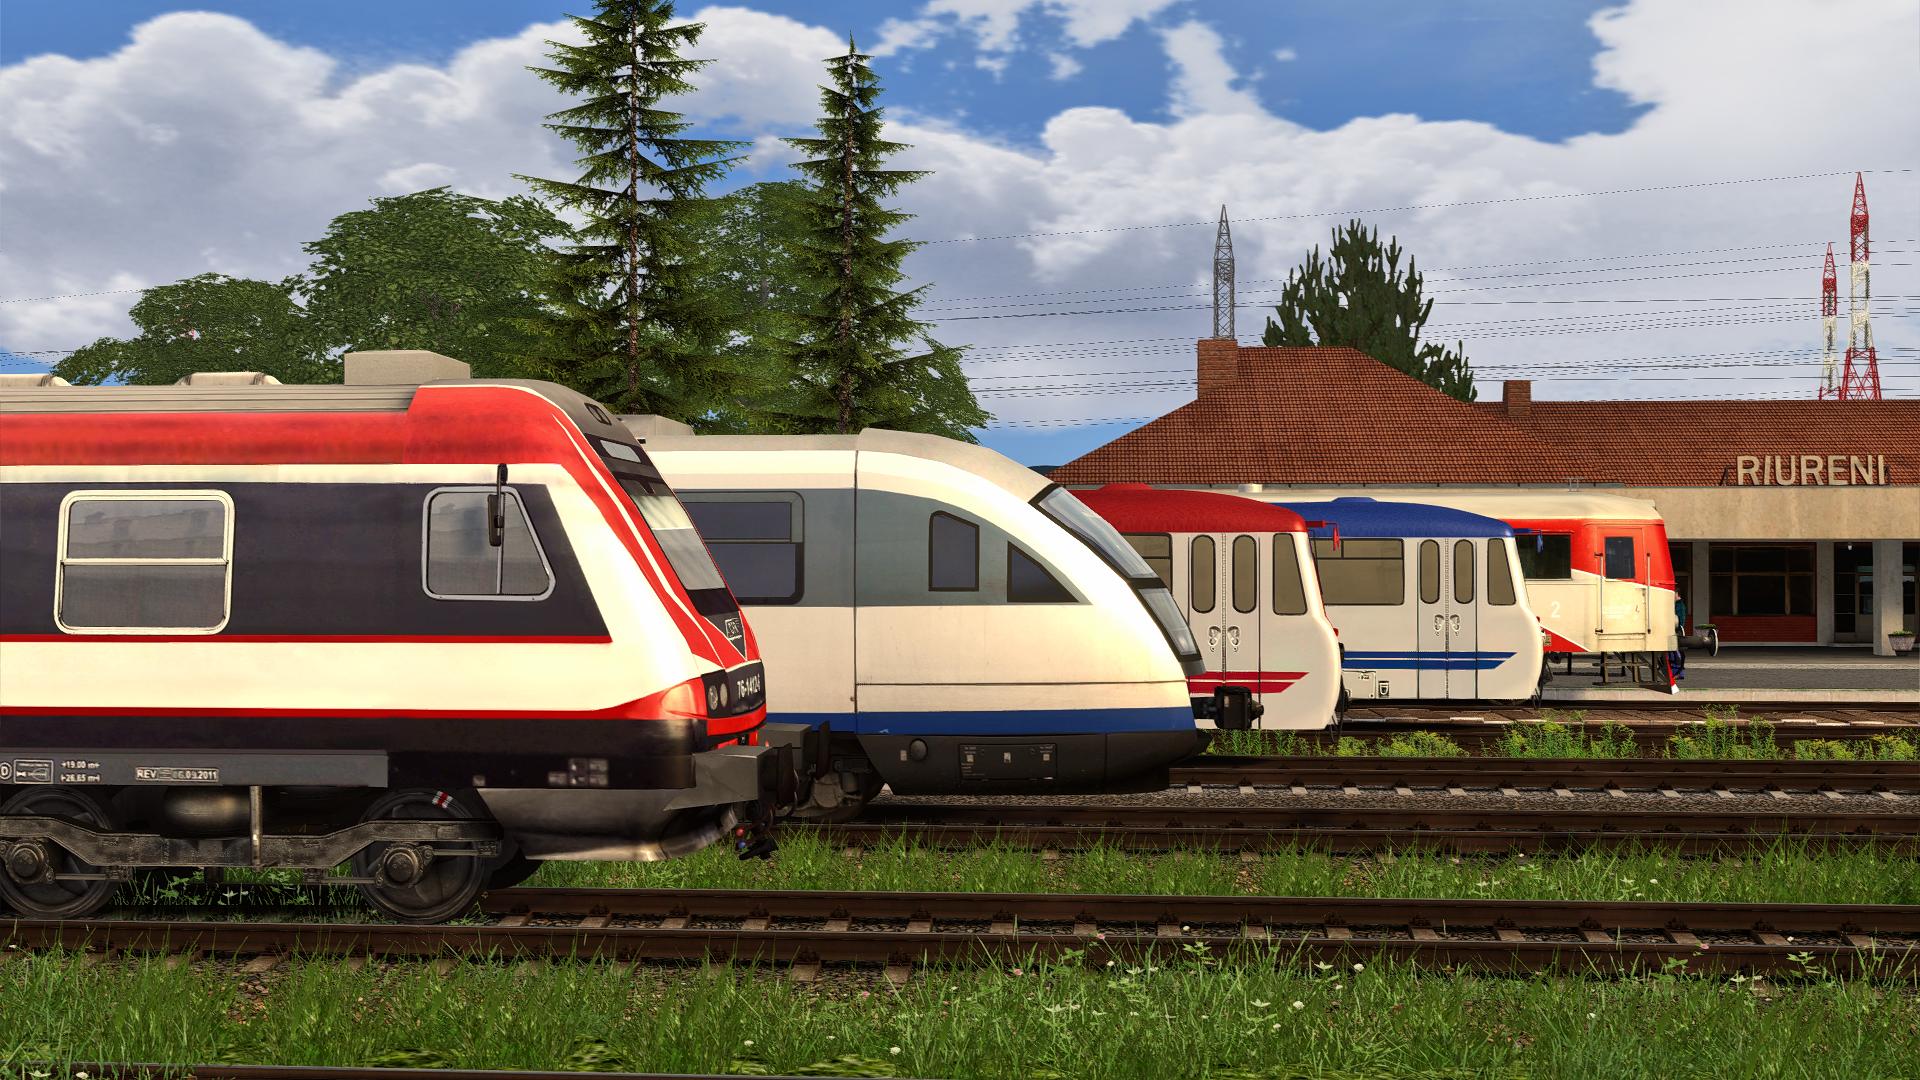 RailWorks64 2021-04-27 19-46-24